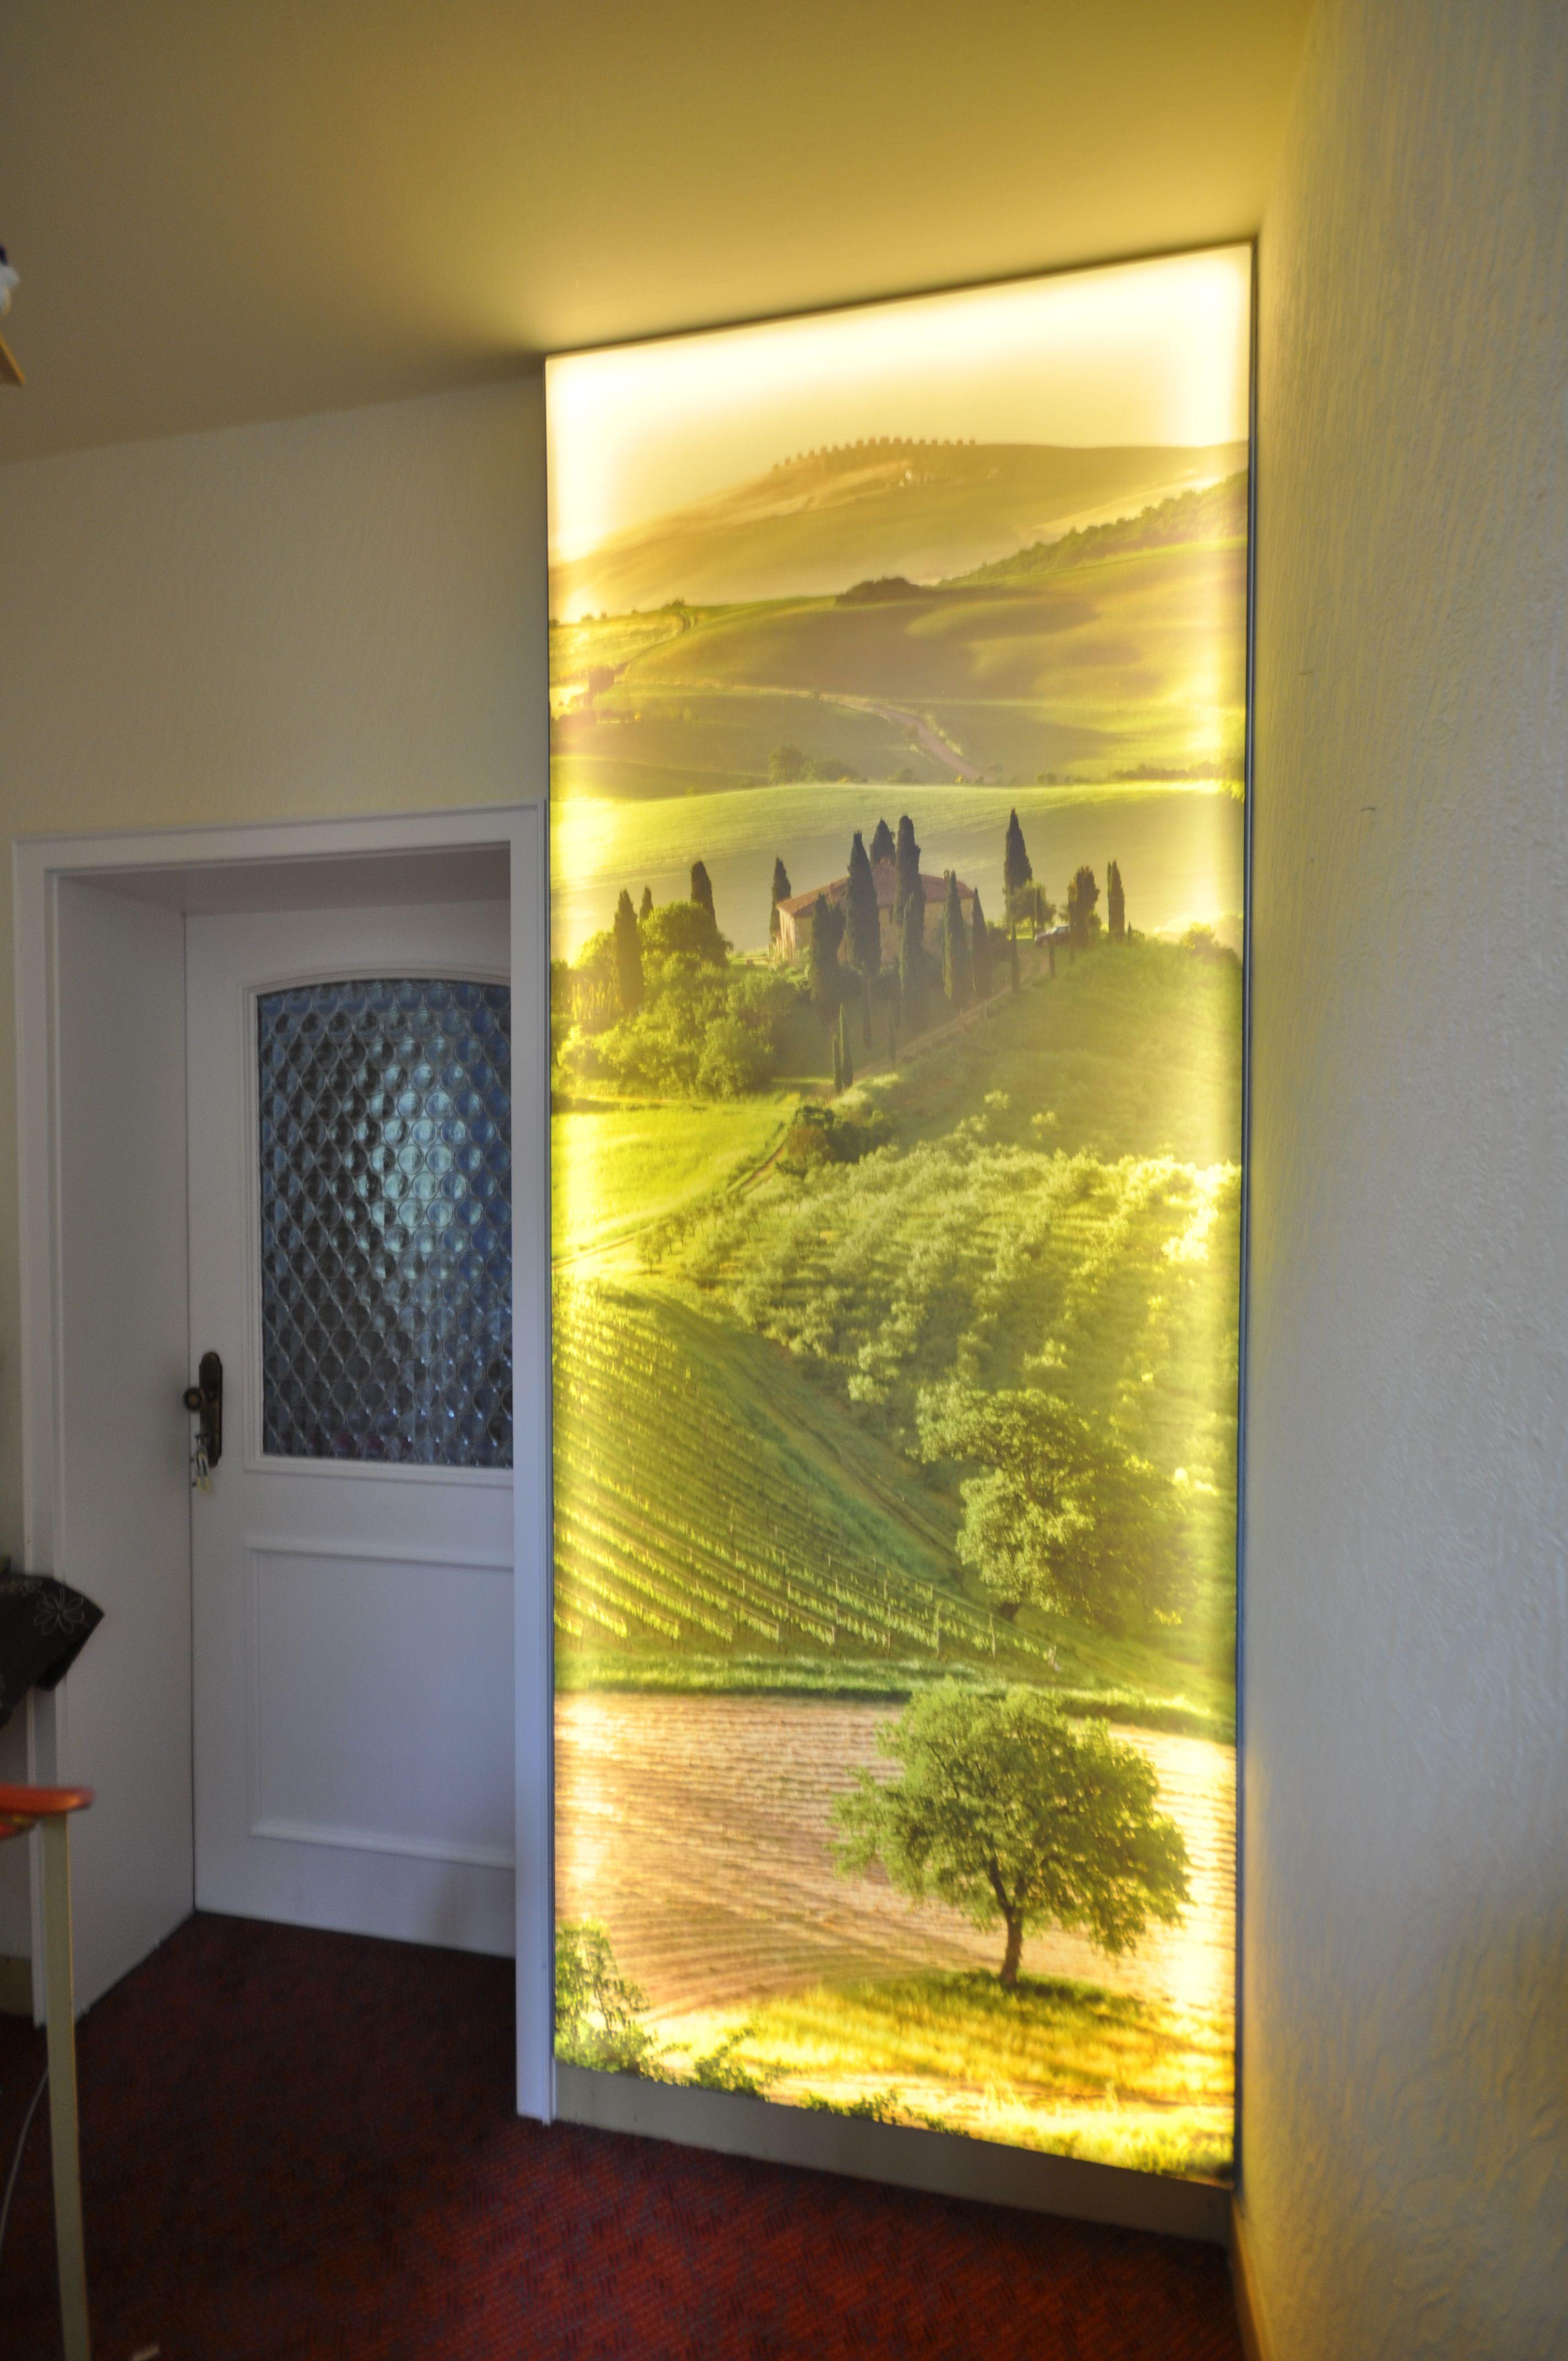 Bedruckte Spanndecke Als Lichtwand Im Flur Flur Decke Toskana Beleuchtung Licht Renovieren Led Treppe Lichtwande Flurbeleuchtung Spanndecken